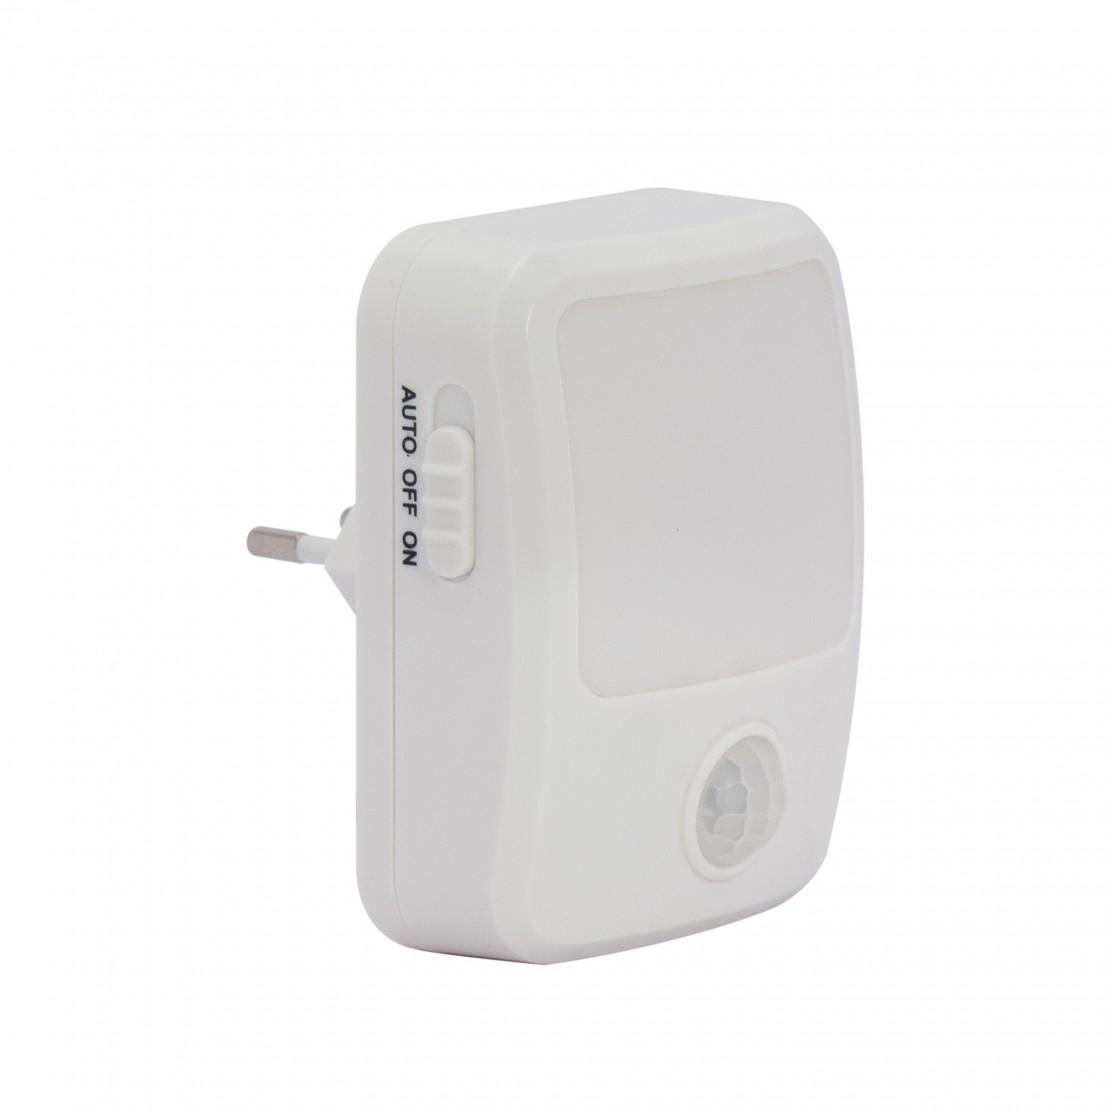 Luz de presença LED, 230V, comsensor e detector de movimento